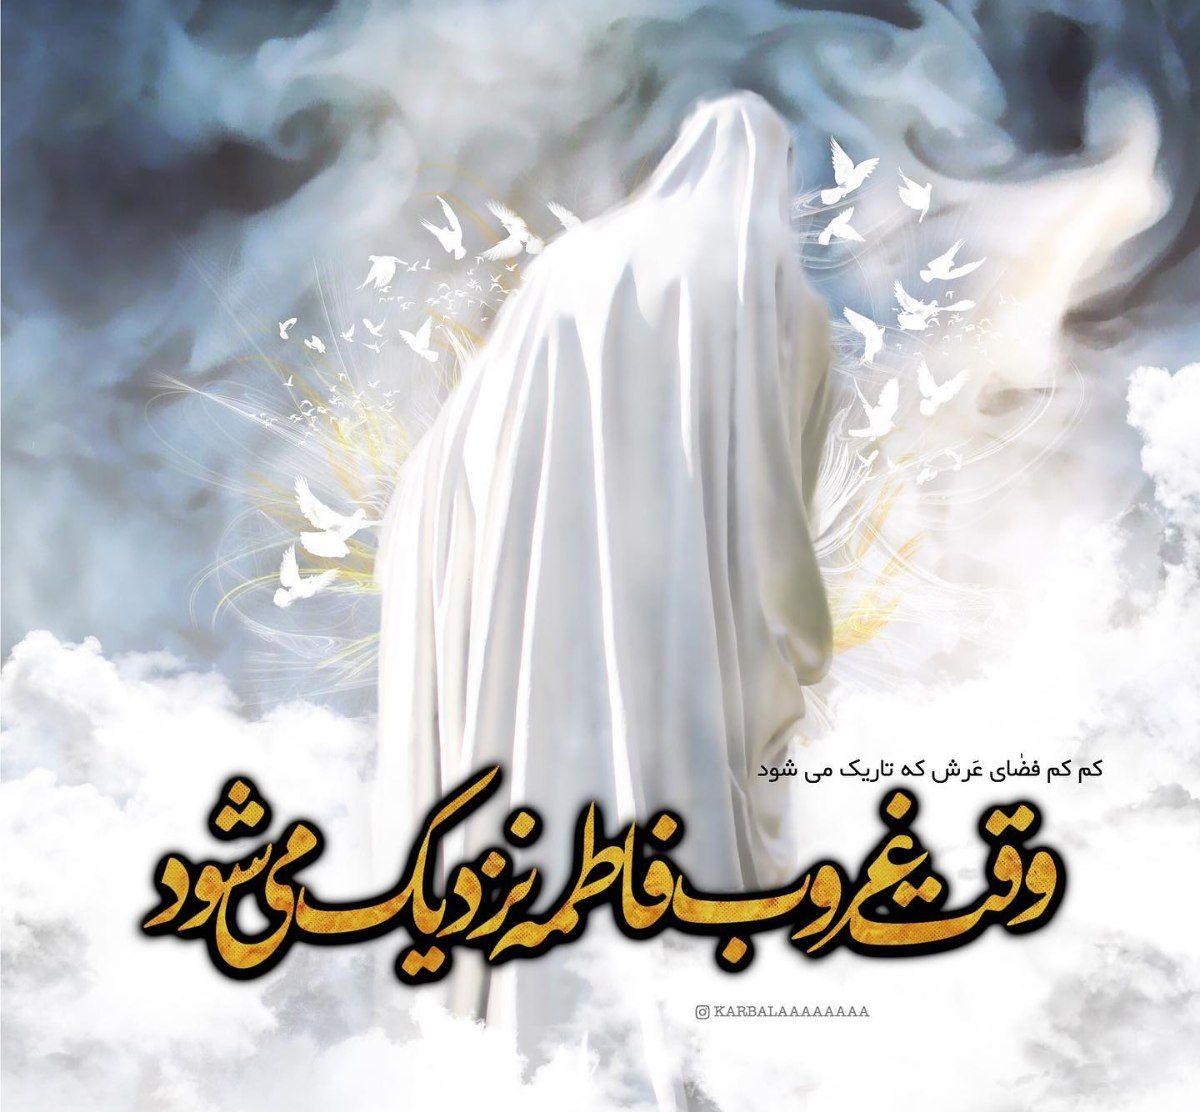 طرح به مناسبت شهادت حضرت زهرا/ وقت غروب فاطمه نزدیک می شود